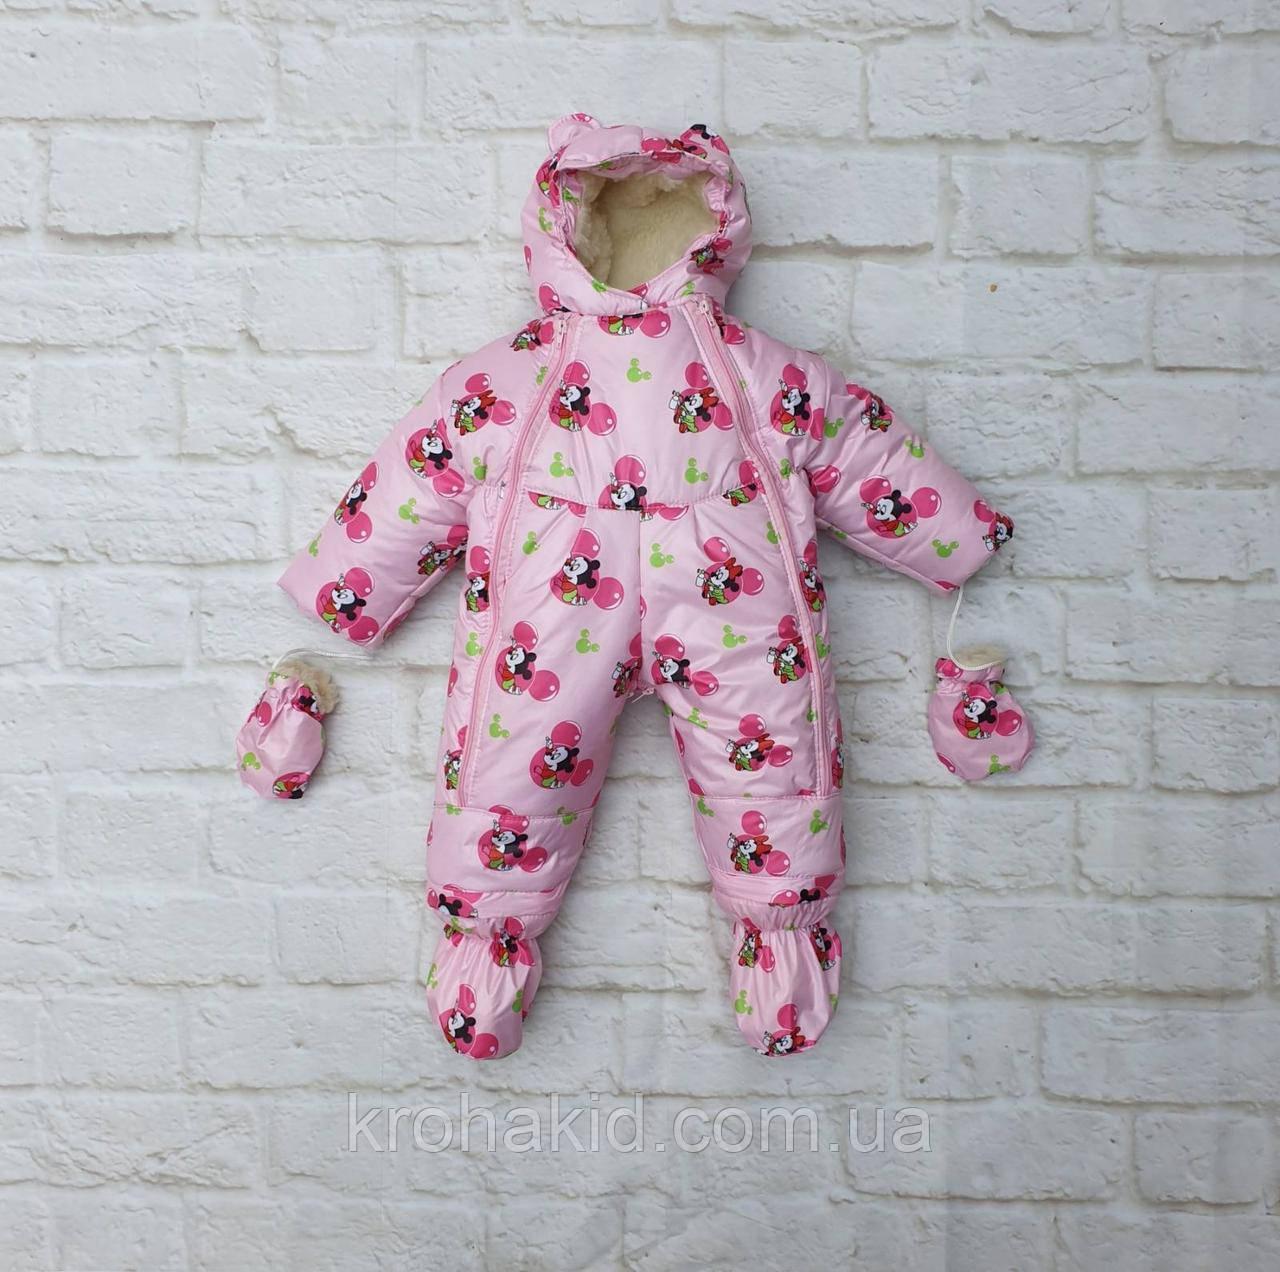 Зимний детский теплый комбинезон-трансформер 2в1 на овчине: курточка, конверт, комбинезон